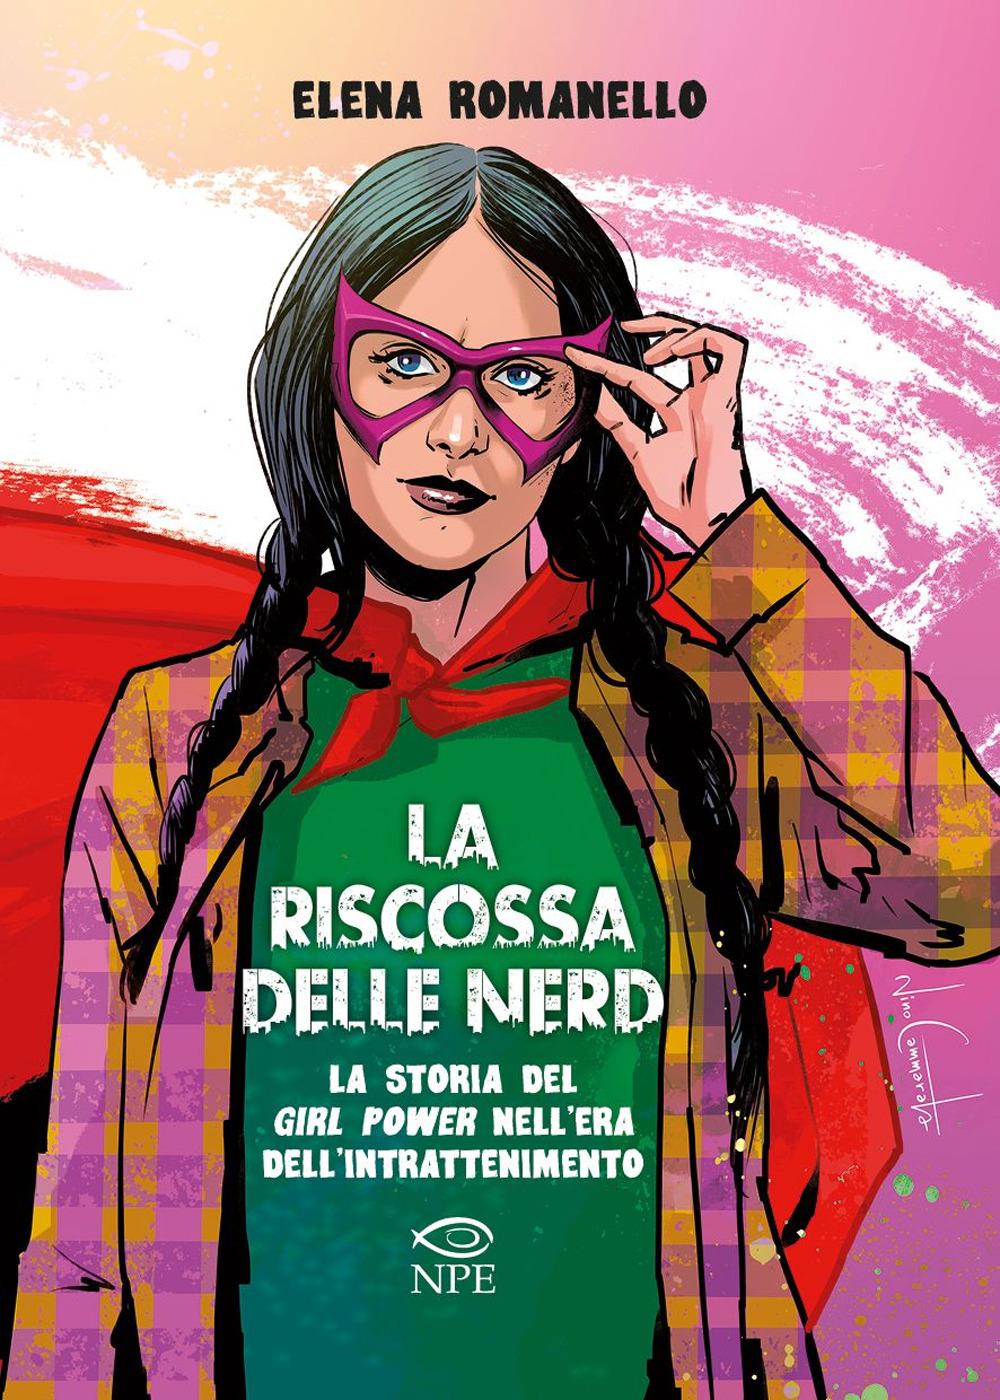 RISCOSSA DELLE NERD. LA STORIA DEL GIRL POWER NELL'ERA DELL'INTRATTENIMENTO (LA) - Romanello Elena - 9788894818987